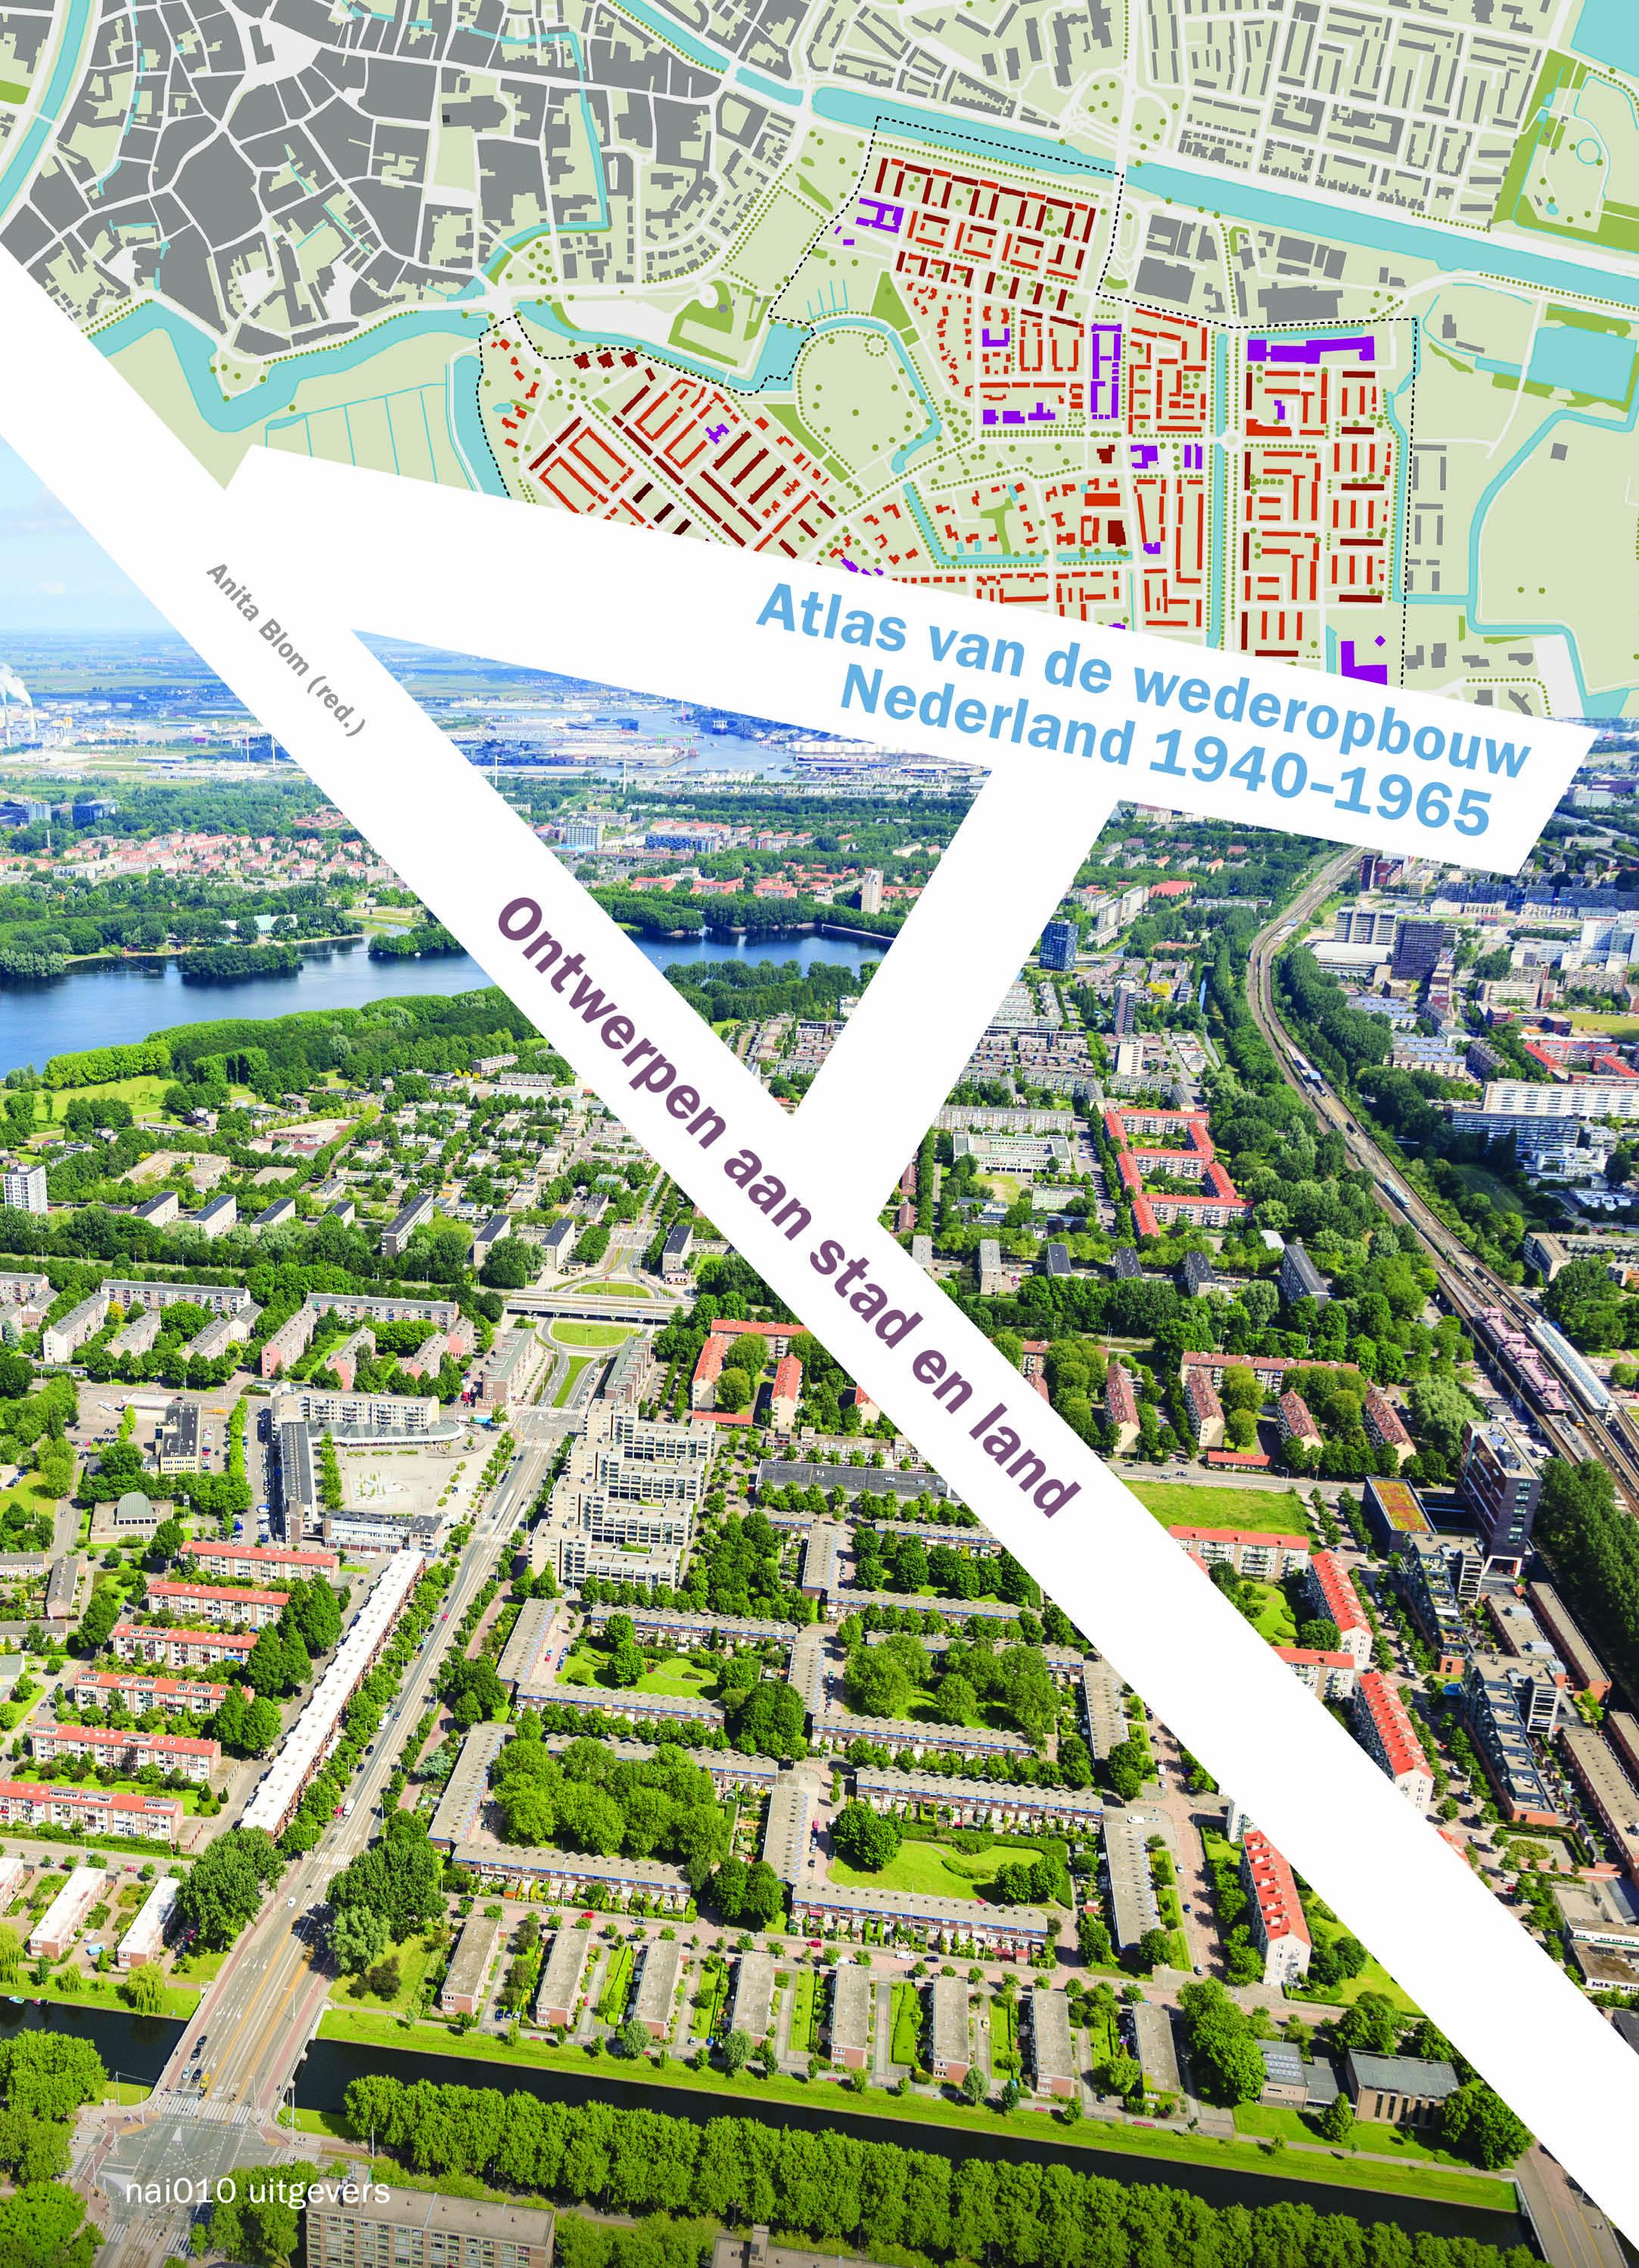 Atlas van de wederopbouw Nederland 1940-1965